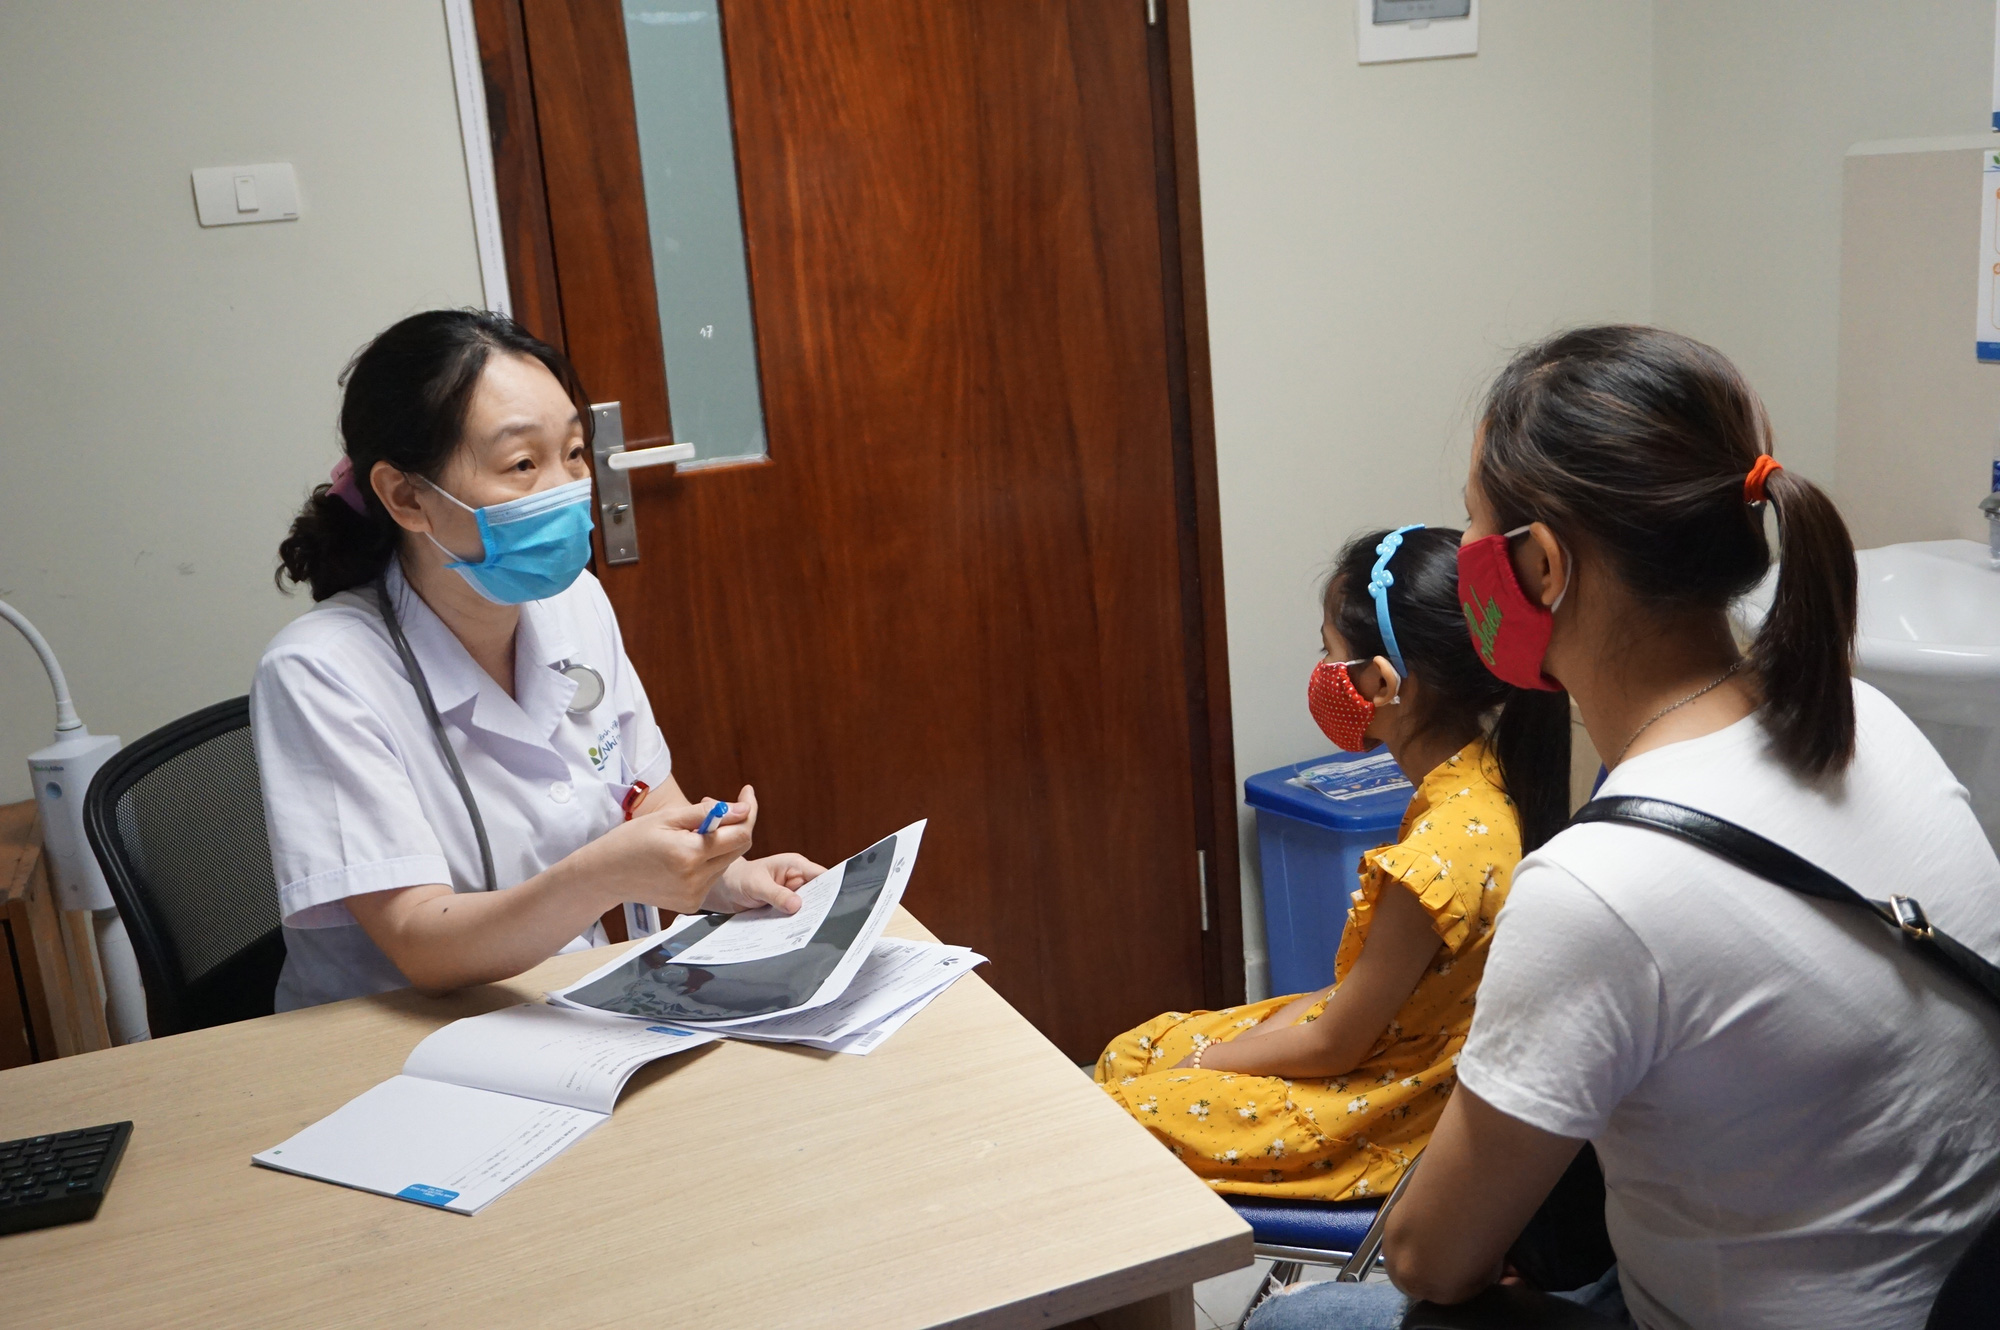 Con gái 7 tuổi kêu đau ngực, mẹ hốt hoảng khi bác sĩ nói con bị dậy thì sớm - Ảnh 1.